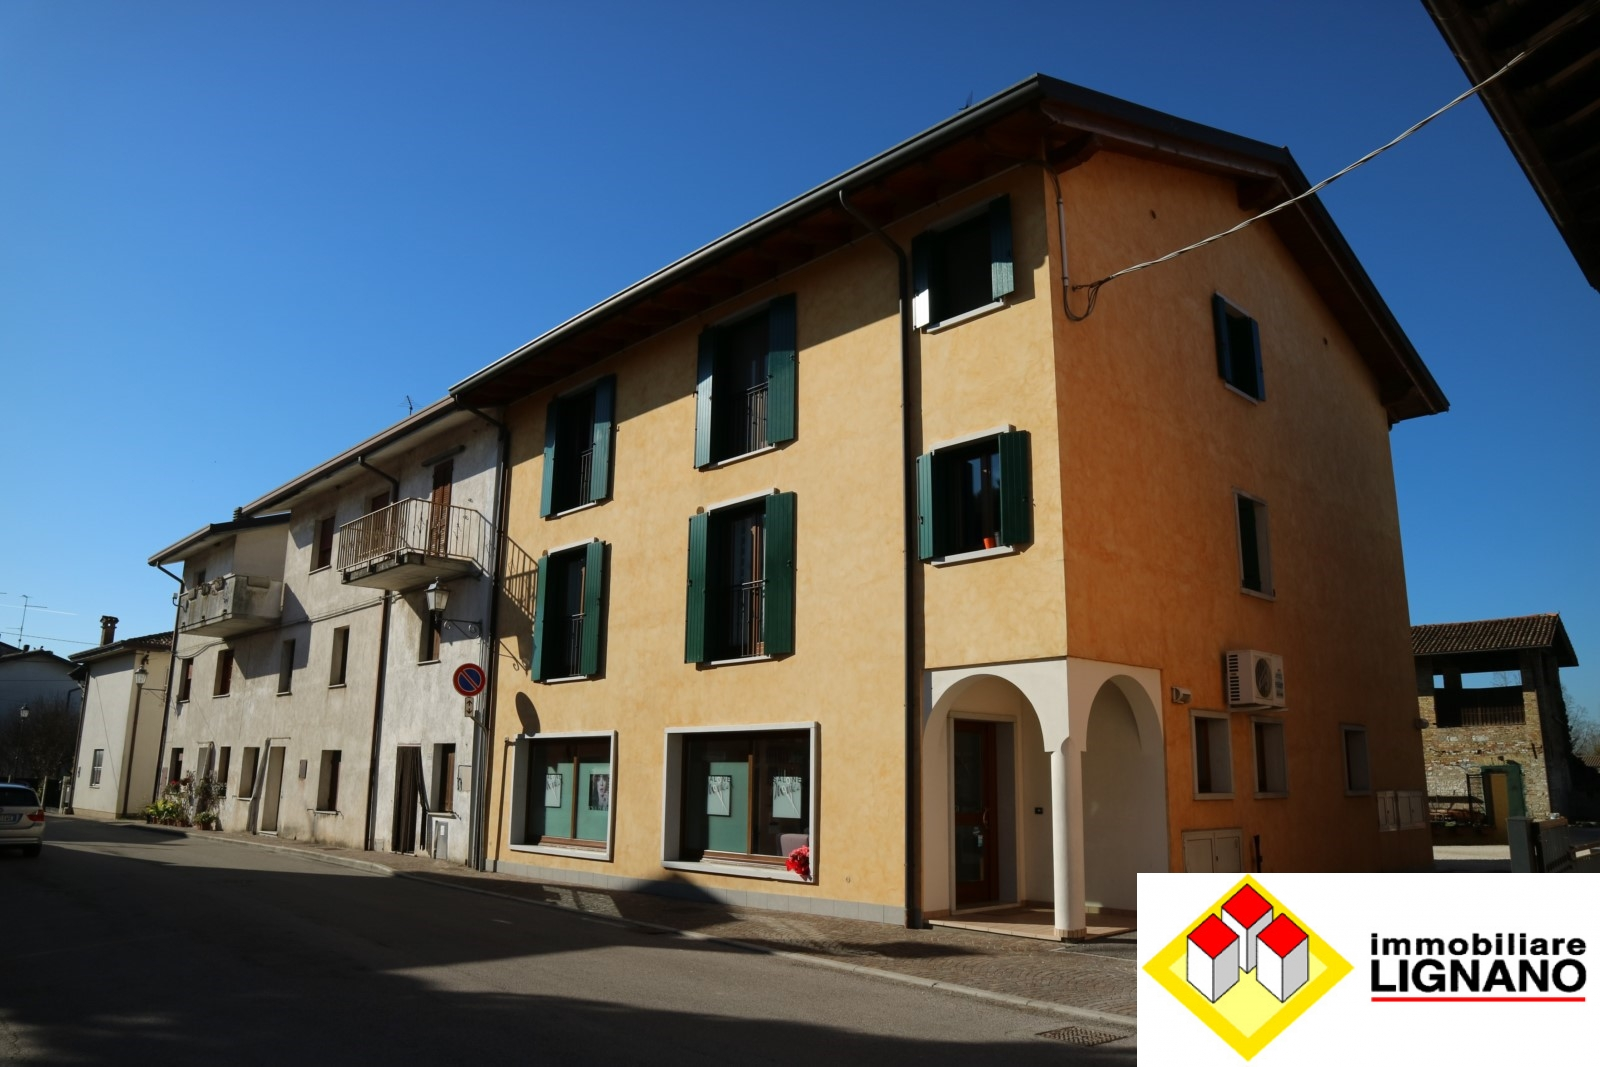 Foto - Appartamento In Vendita Precenicco (ud)